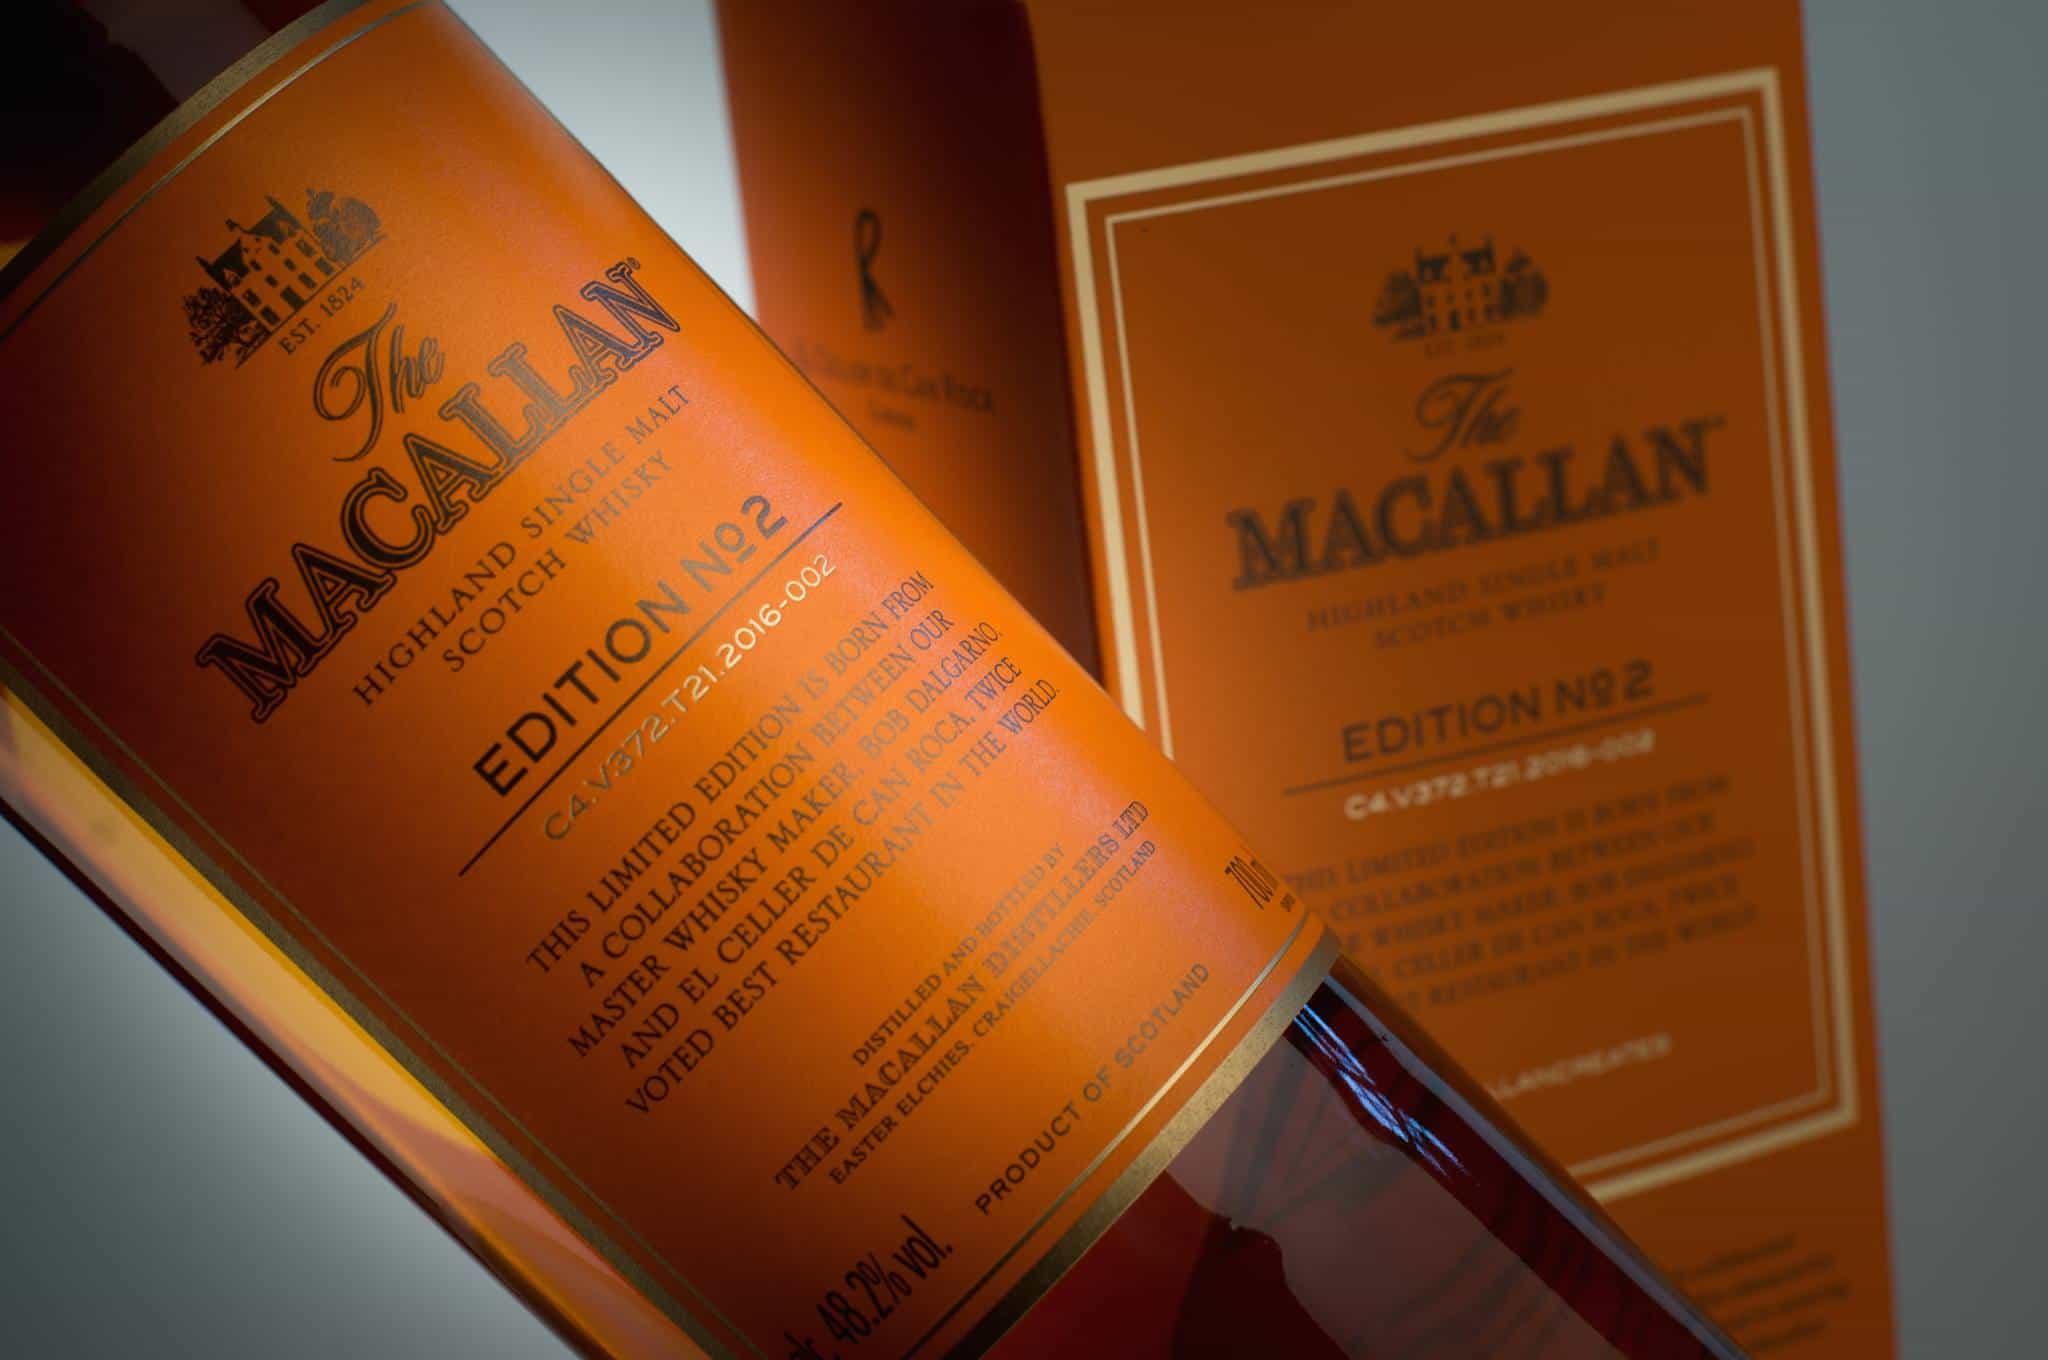 Macallan No. 2